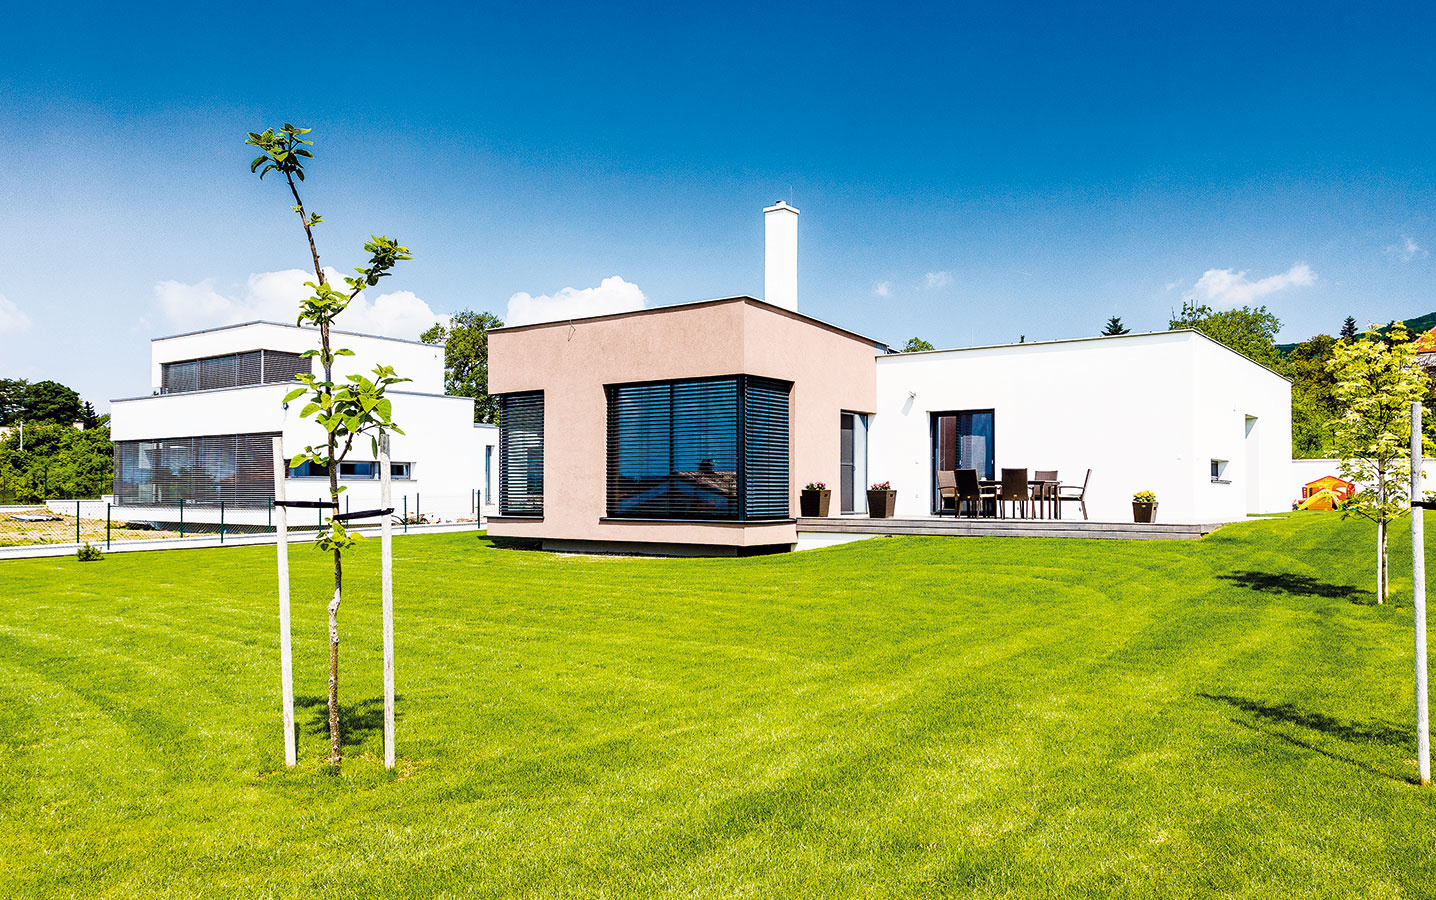 Veľké zasklené plochy prinášajú do interiéru nielen denné svetlo, ale aj solárne zisky. Aby sa v lete interiér neprehrieval, nechýba vonkajšie tienenie.